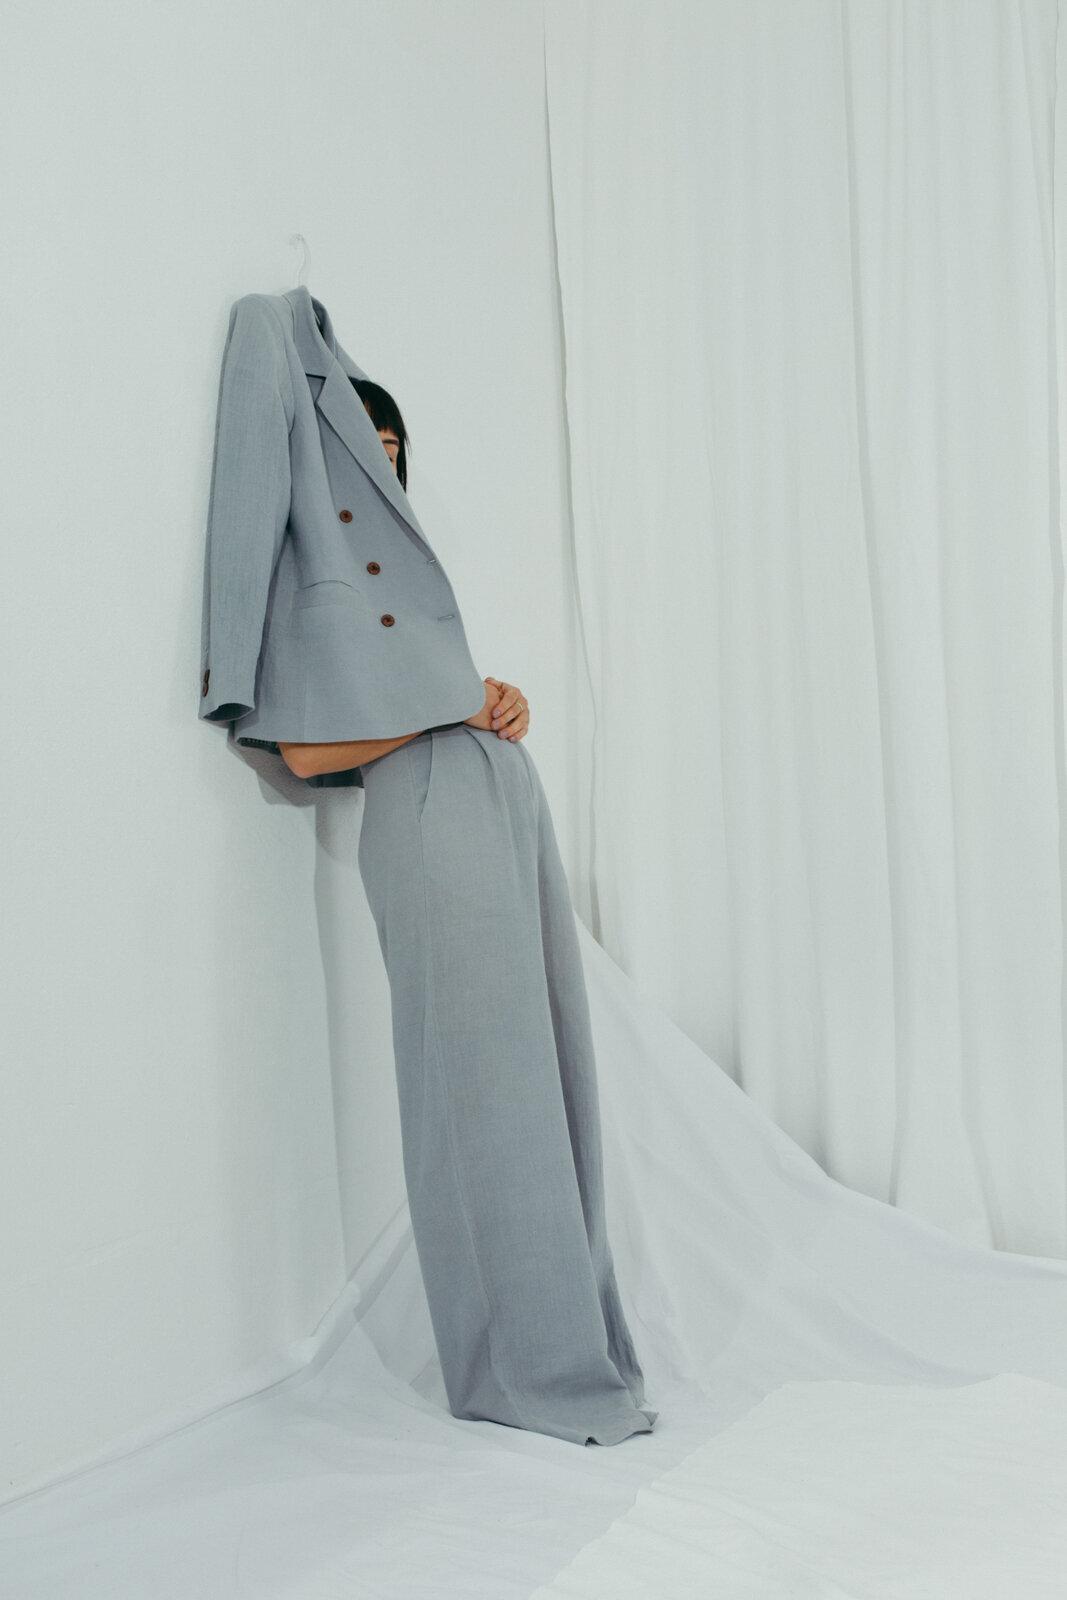 社论公平时尚 - 由金·格拉赫治疗的可持续品牌